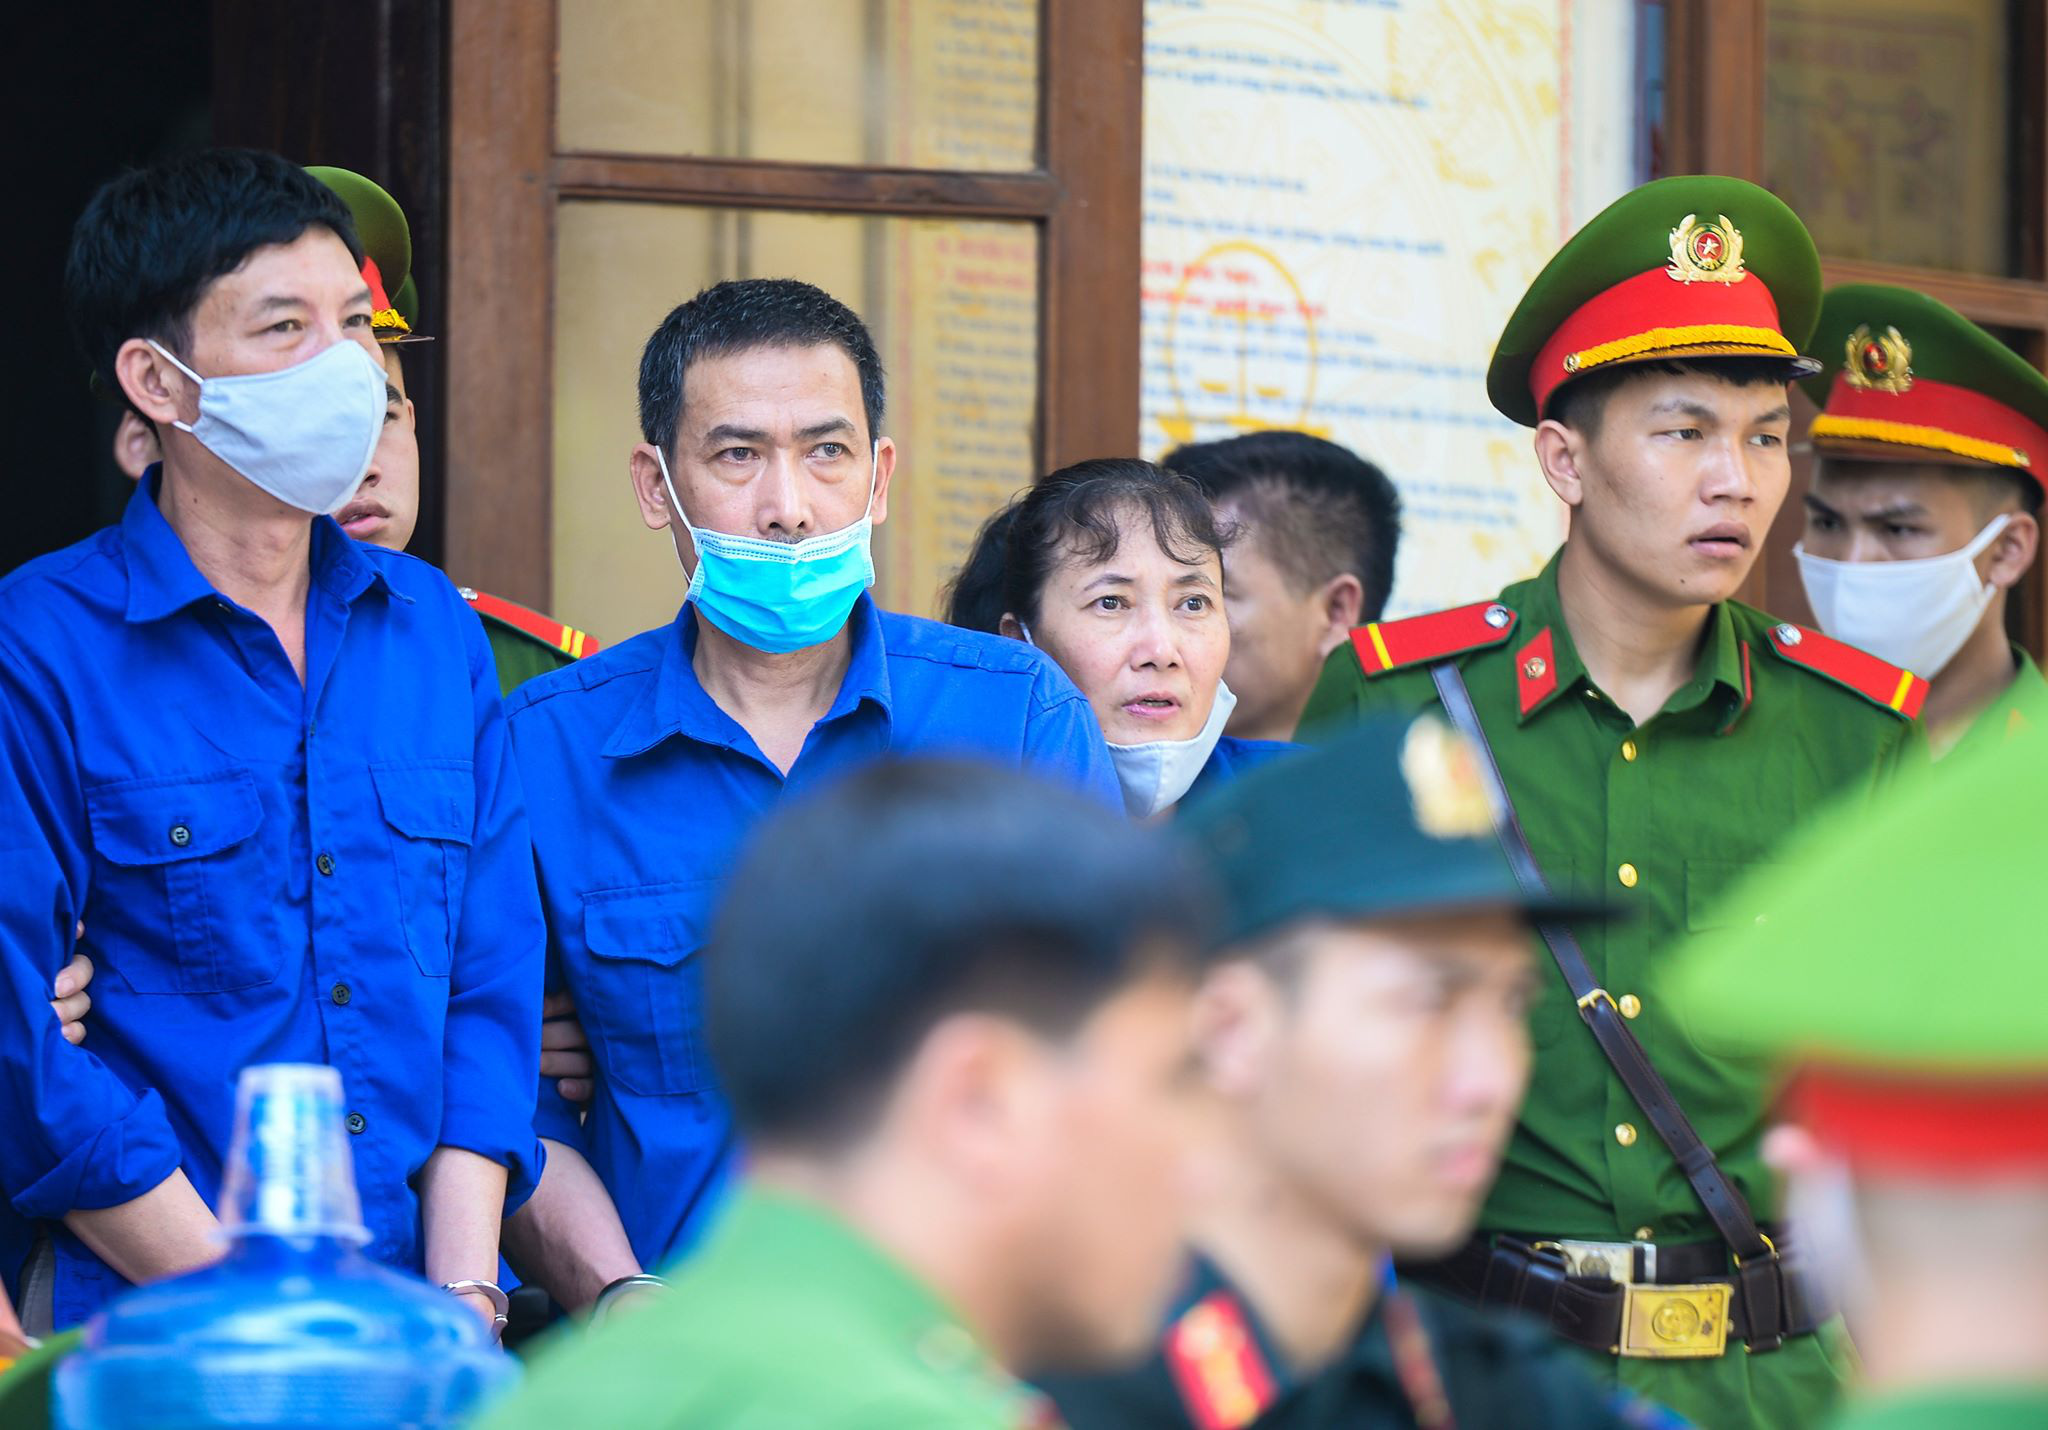 Xét xử gian lận thi cử tại Sơn La: Cựu Phó Phòng PA03 khai không có nhận thức gì khi được nhờ xem điểm - Ảnh 5.